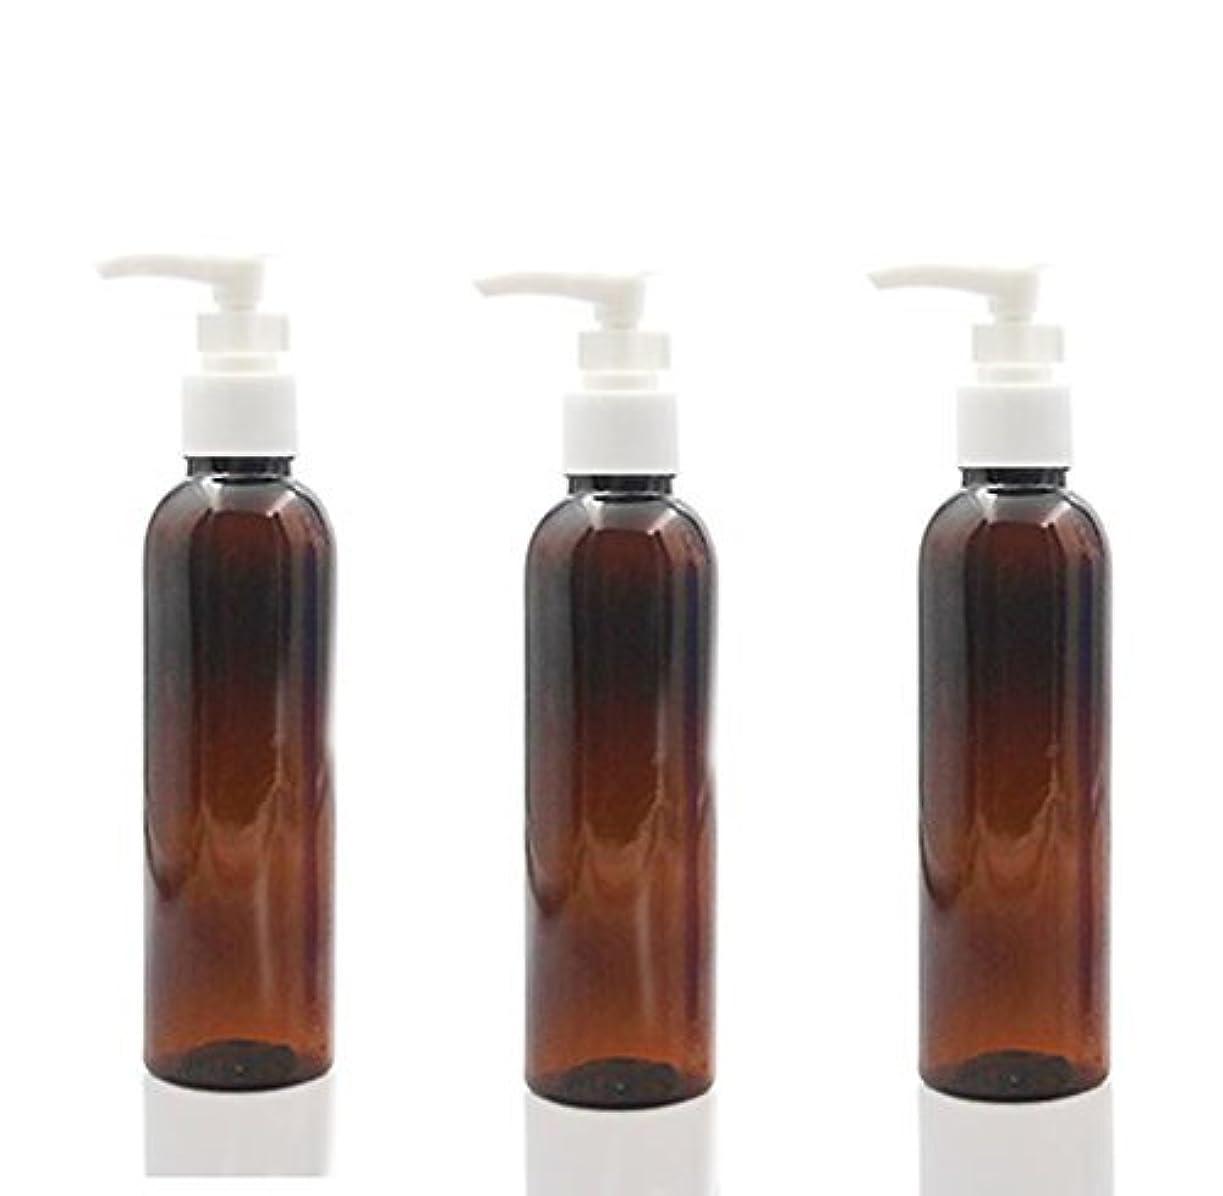 限りなくライフル冒険3PCS 150ml Plastic Round Pump Bottles for Cooking Sauces Essential Oils Lotions Liquid Soaps or Organic Beauty...